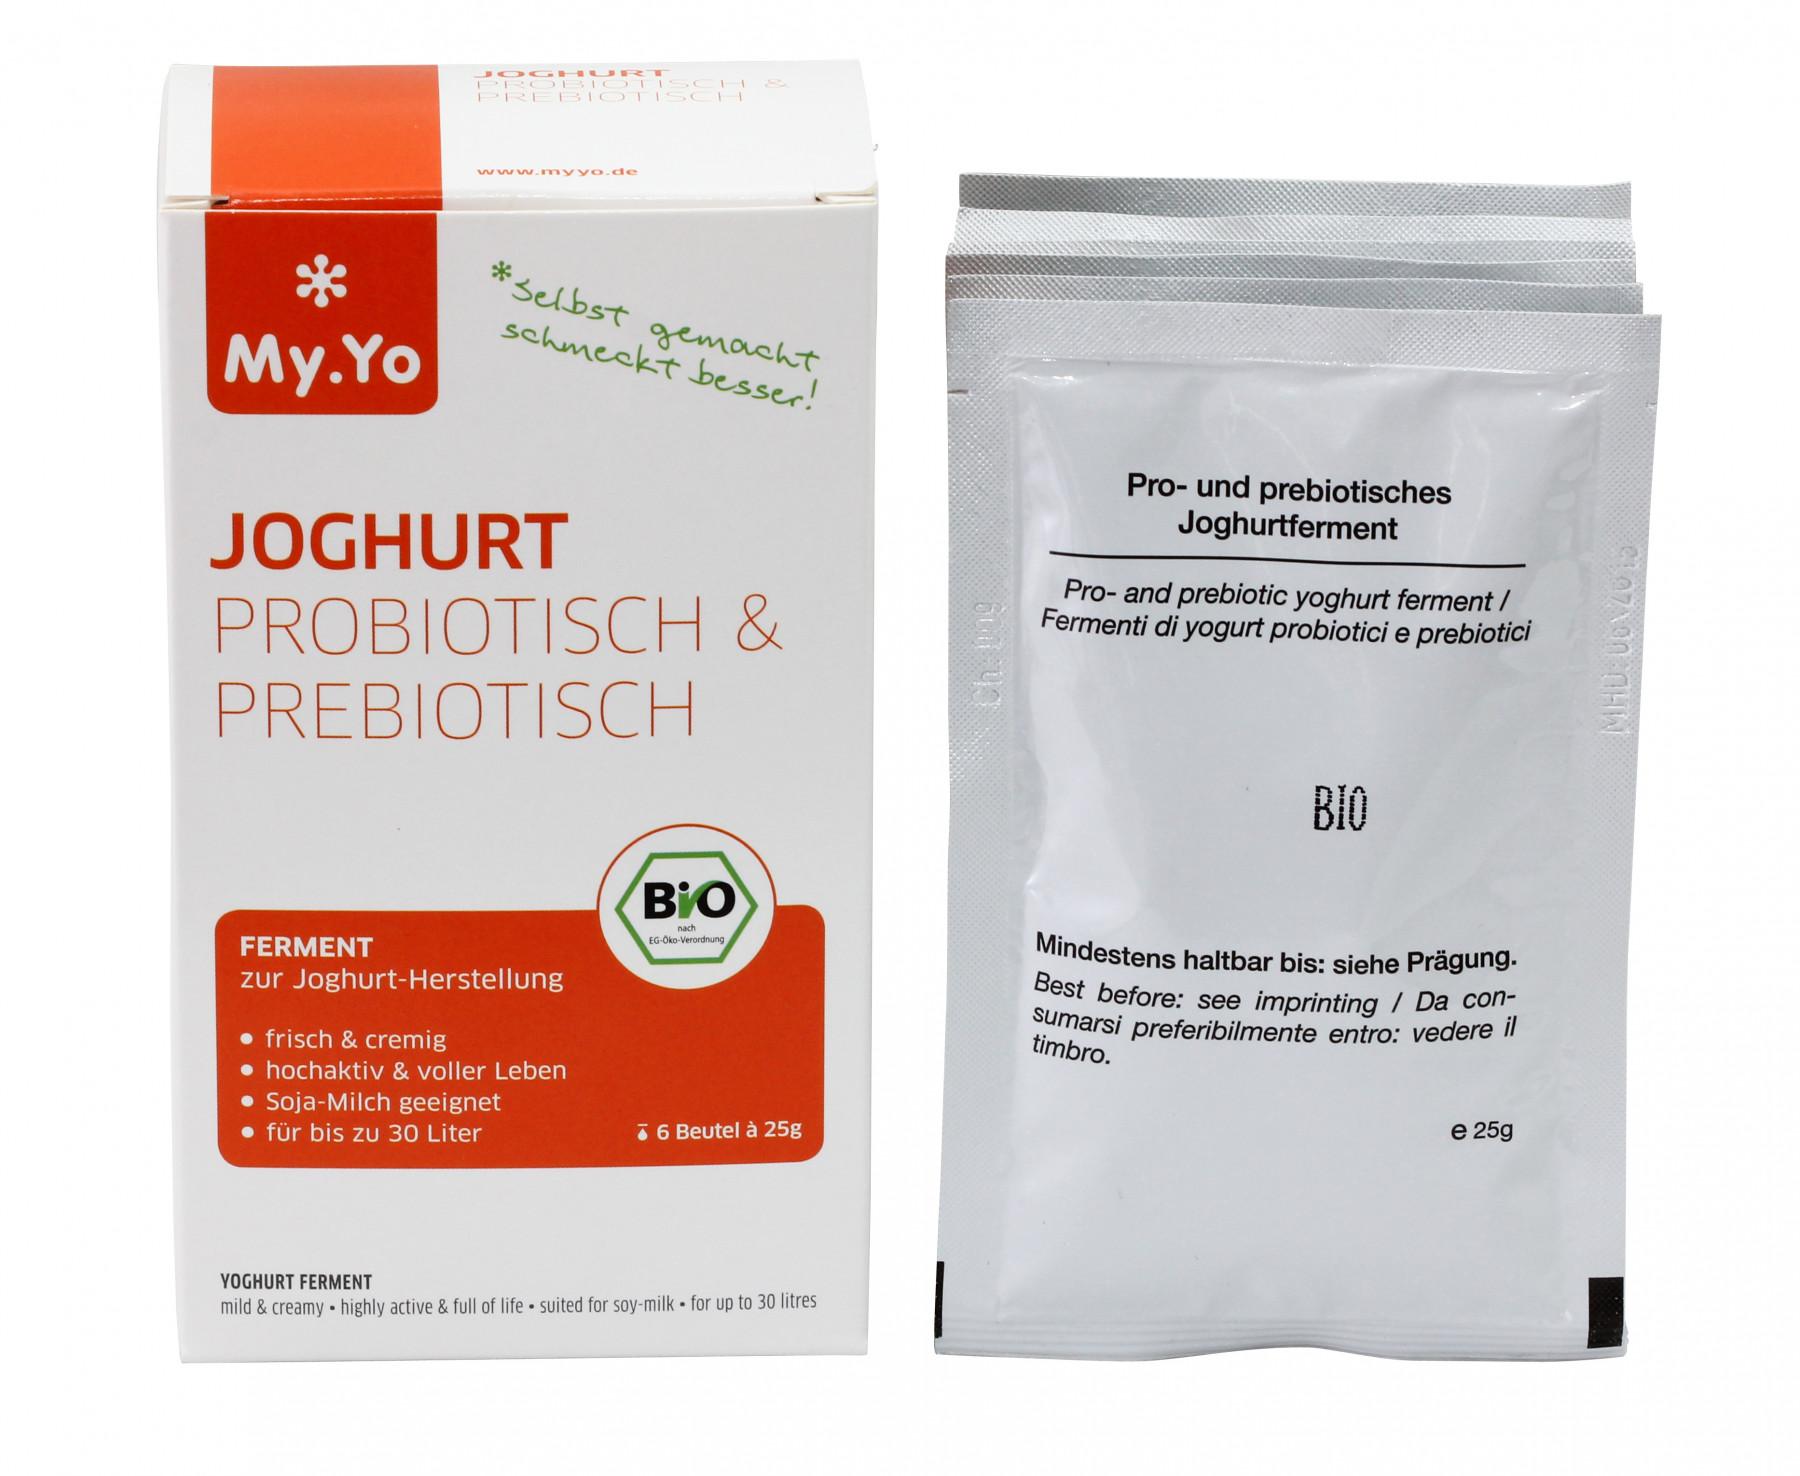 My Yo my yo bio joghurtfermente probiotisch 6x25g